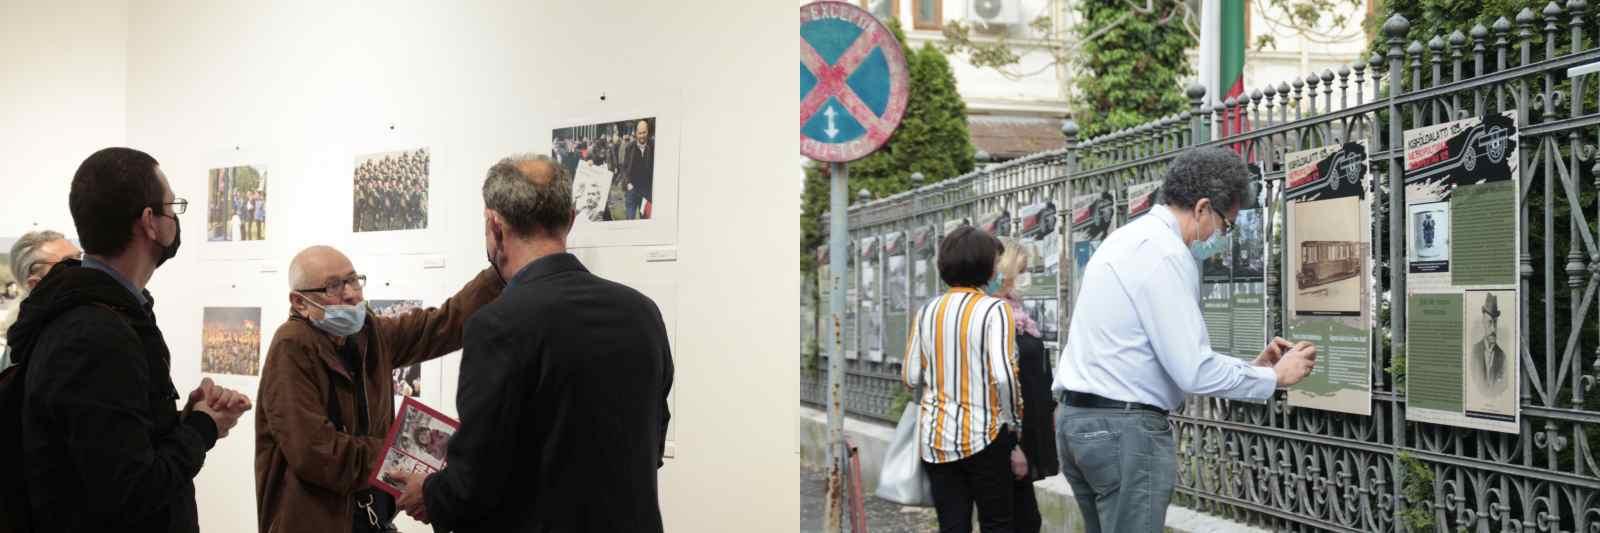 Sajtófotók és kisföldalatti évfordulós kiállítás